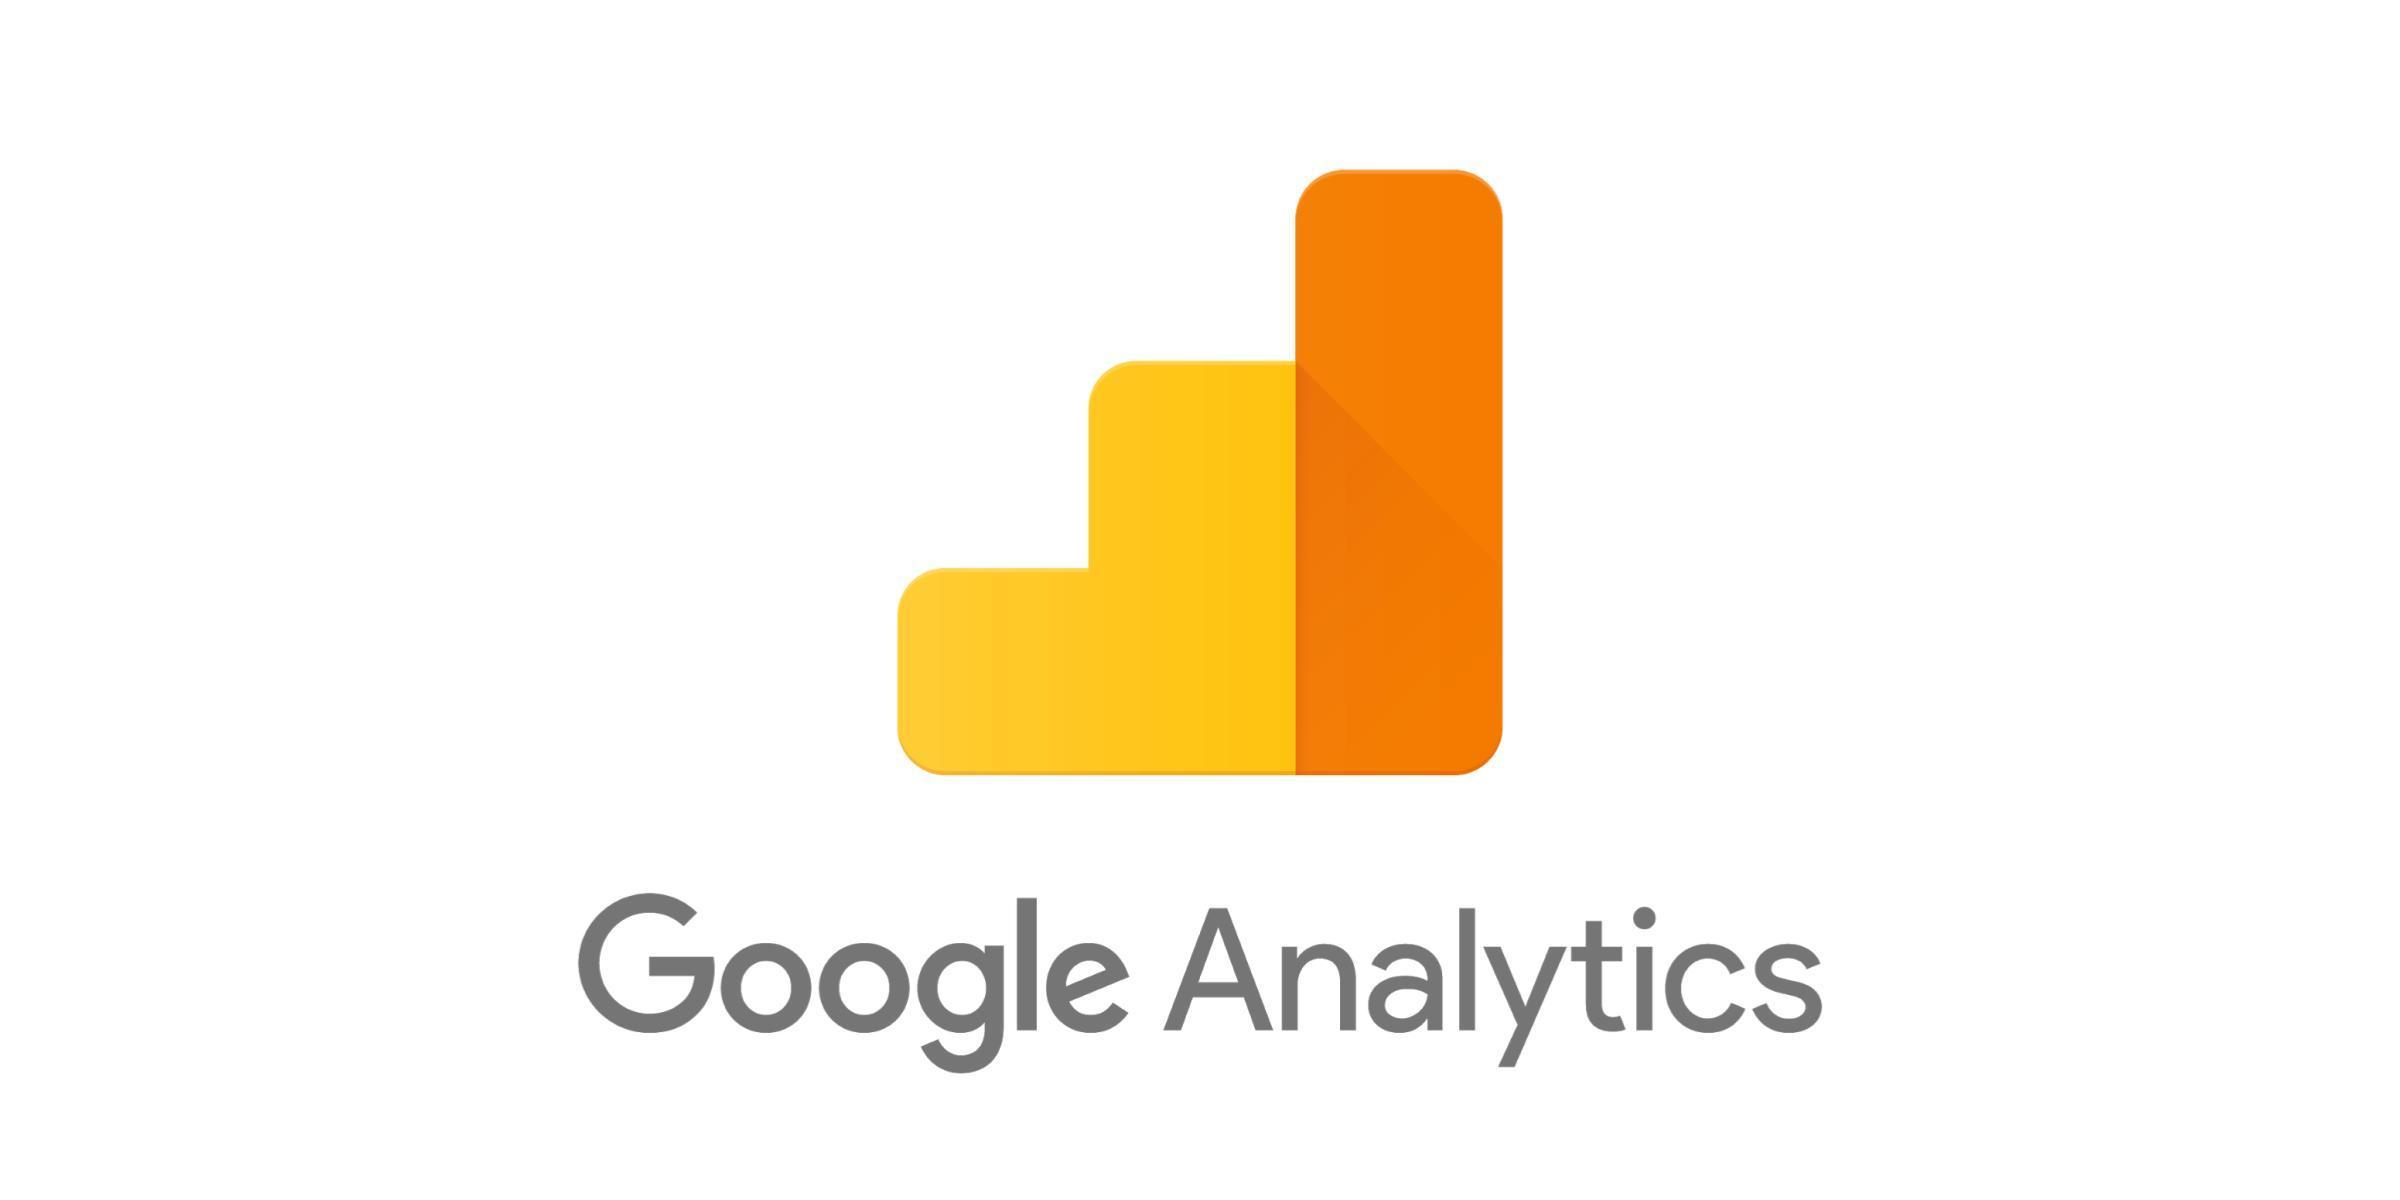 Google Analytics gặp sự cố khiến người dùng không thể truy cập dữ liệu